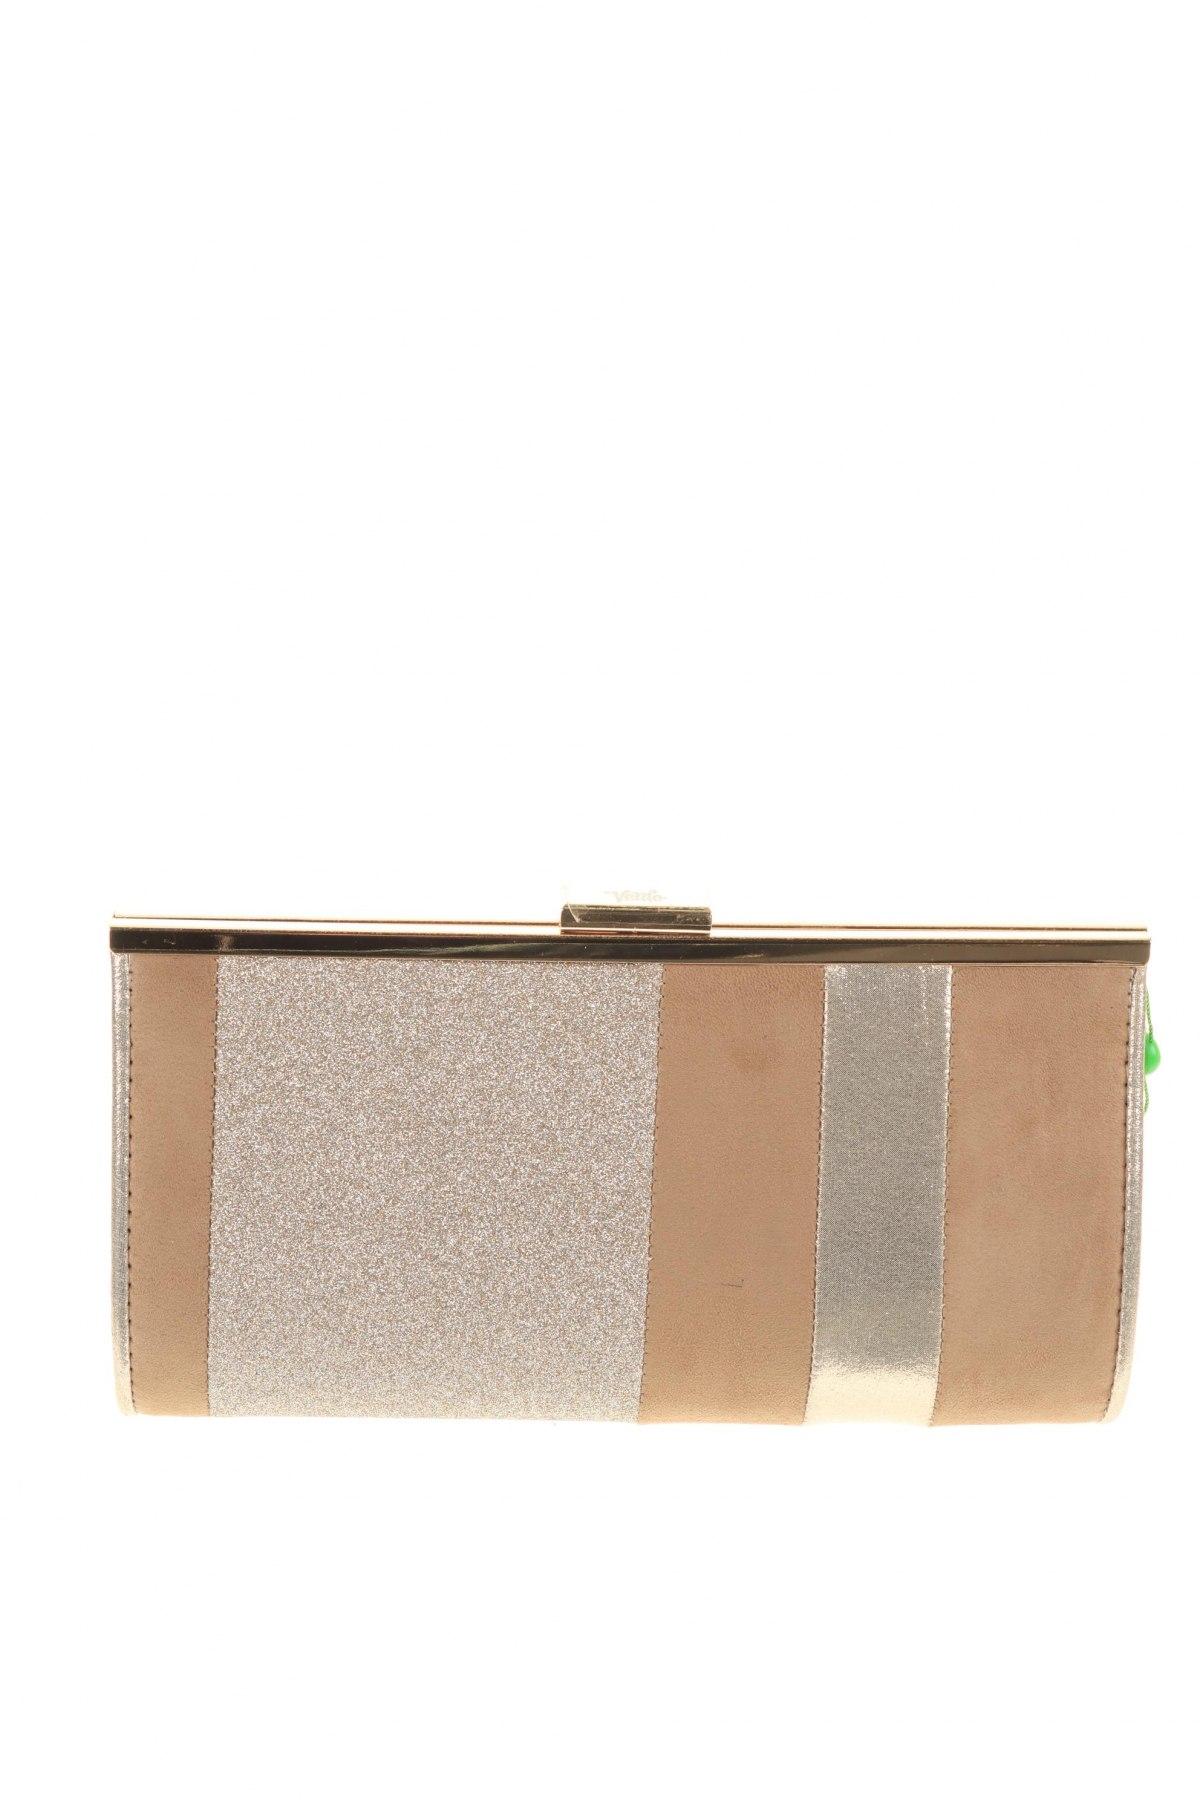 Дамска чанта Verde, Цвят Бежов, Текстил, Цена 14,75лв.